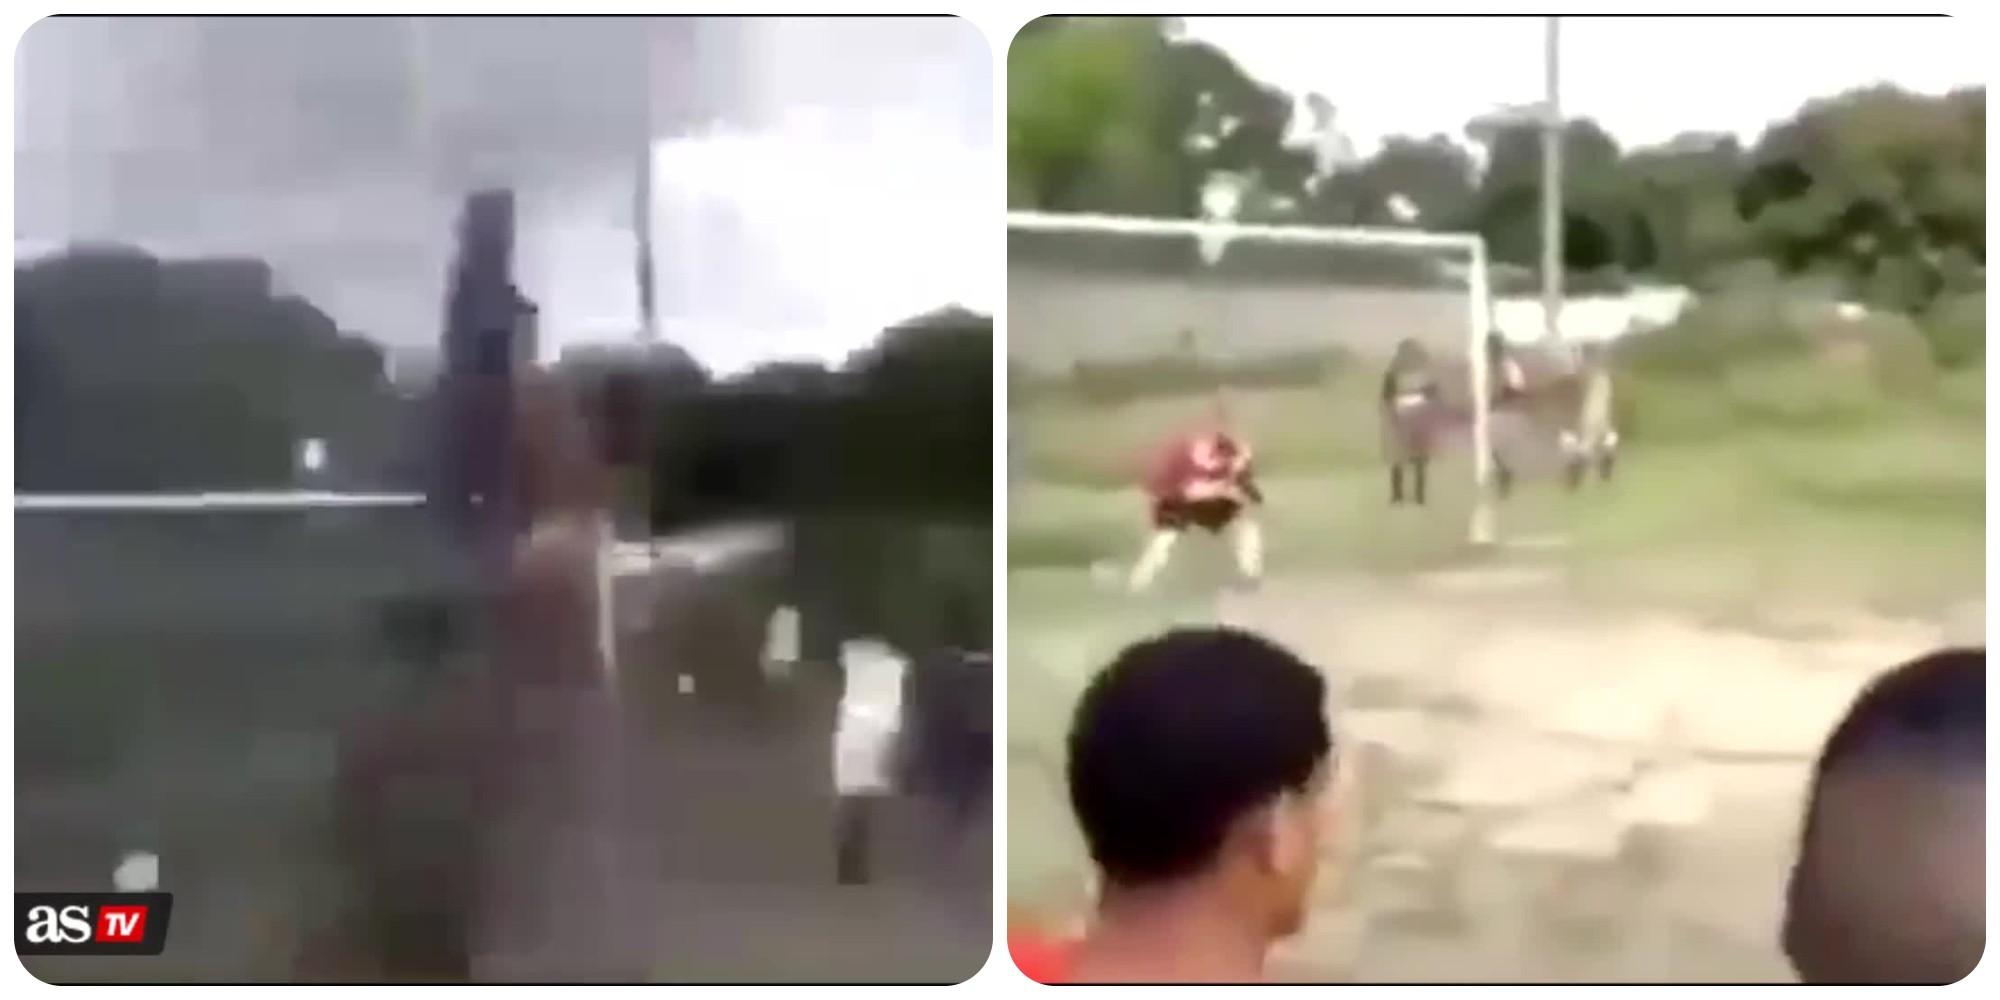 Penalltia me presionin më të madh, fundi mund të ishte dramatik (VIDEO)